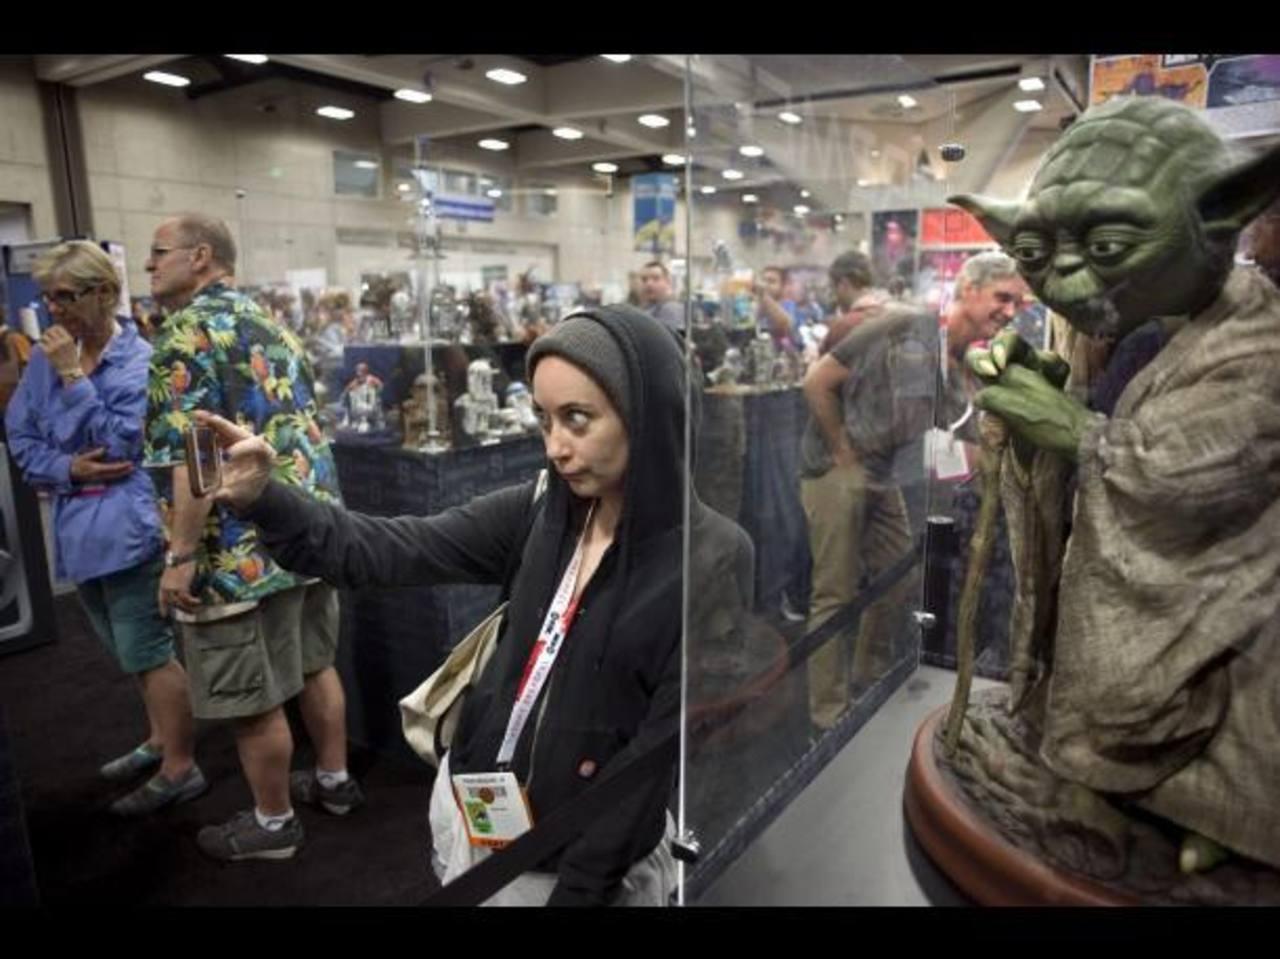 """Nueva entrega de """"Star Wars"""" protagonizará la Comic-Con"""